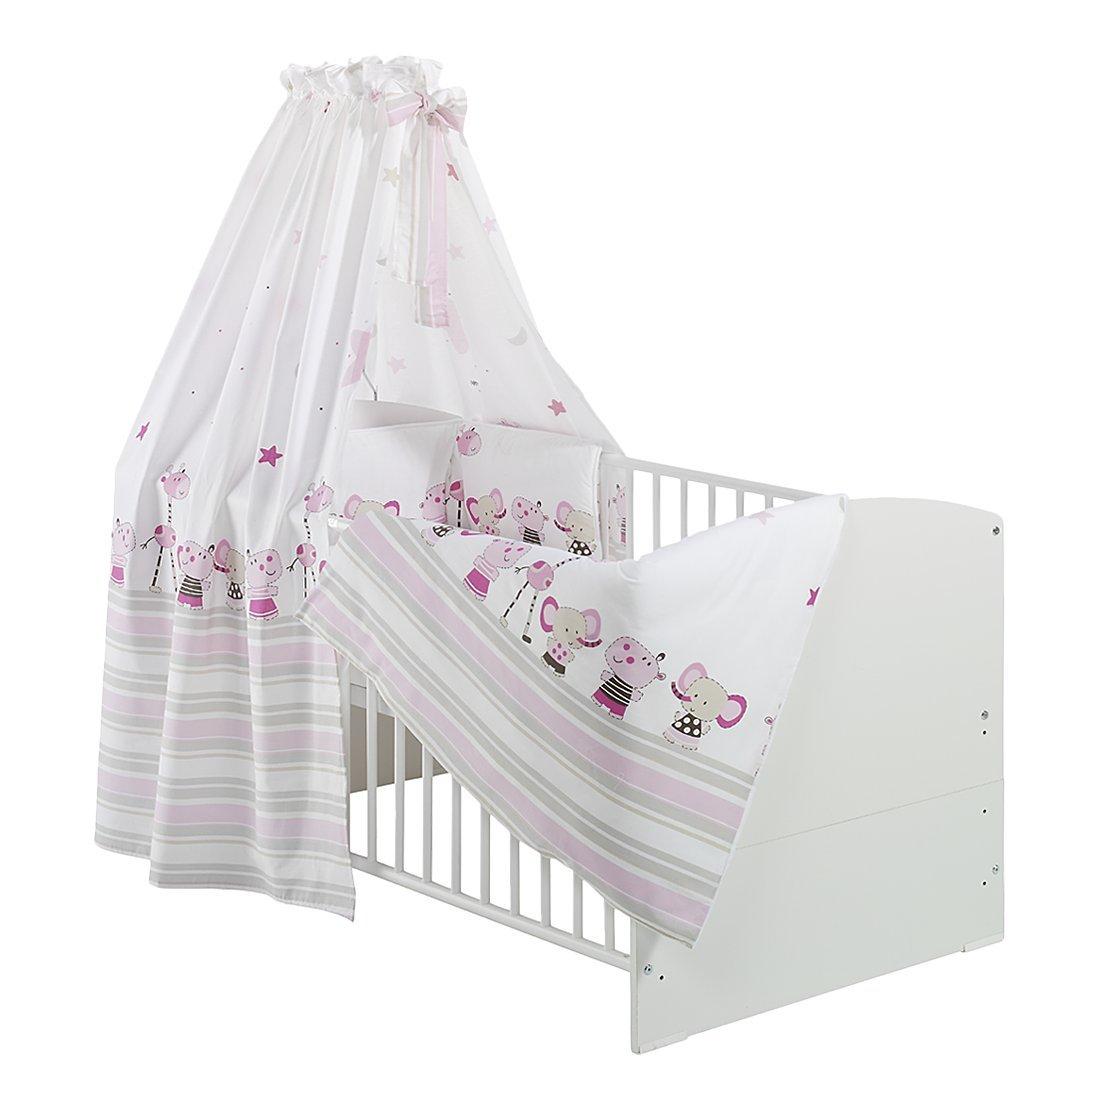 Schardt 4042219134684 Kinderbett Classic-Line mit Umbaukit, Bett-Set, Matratze und Himmelstange, 70 cm x 140 cm, Weiß